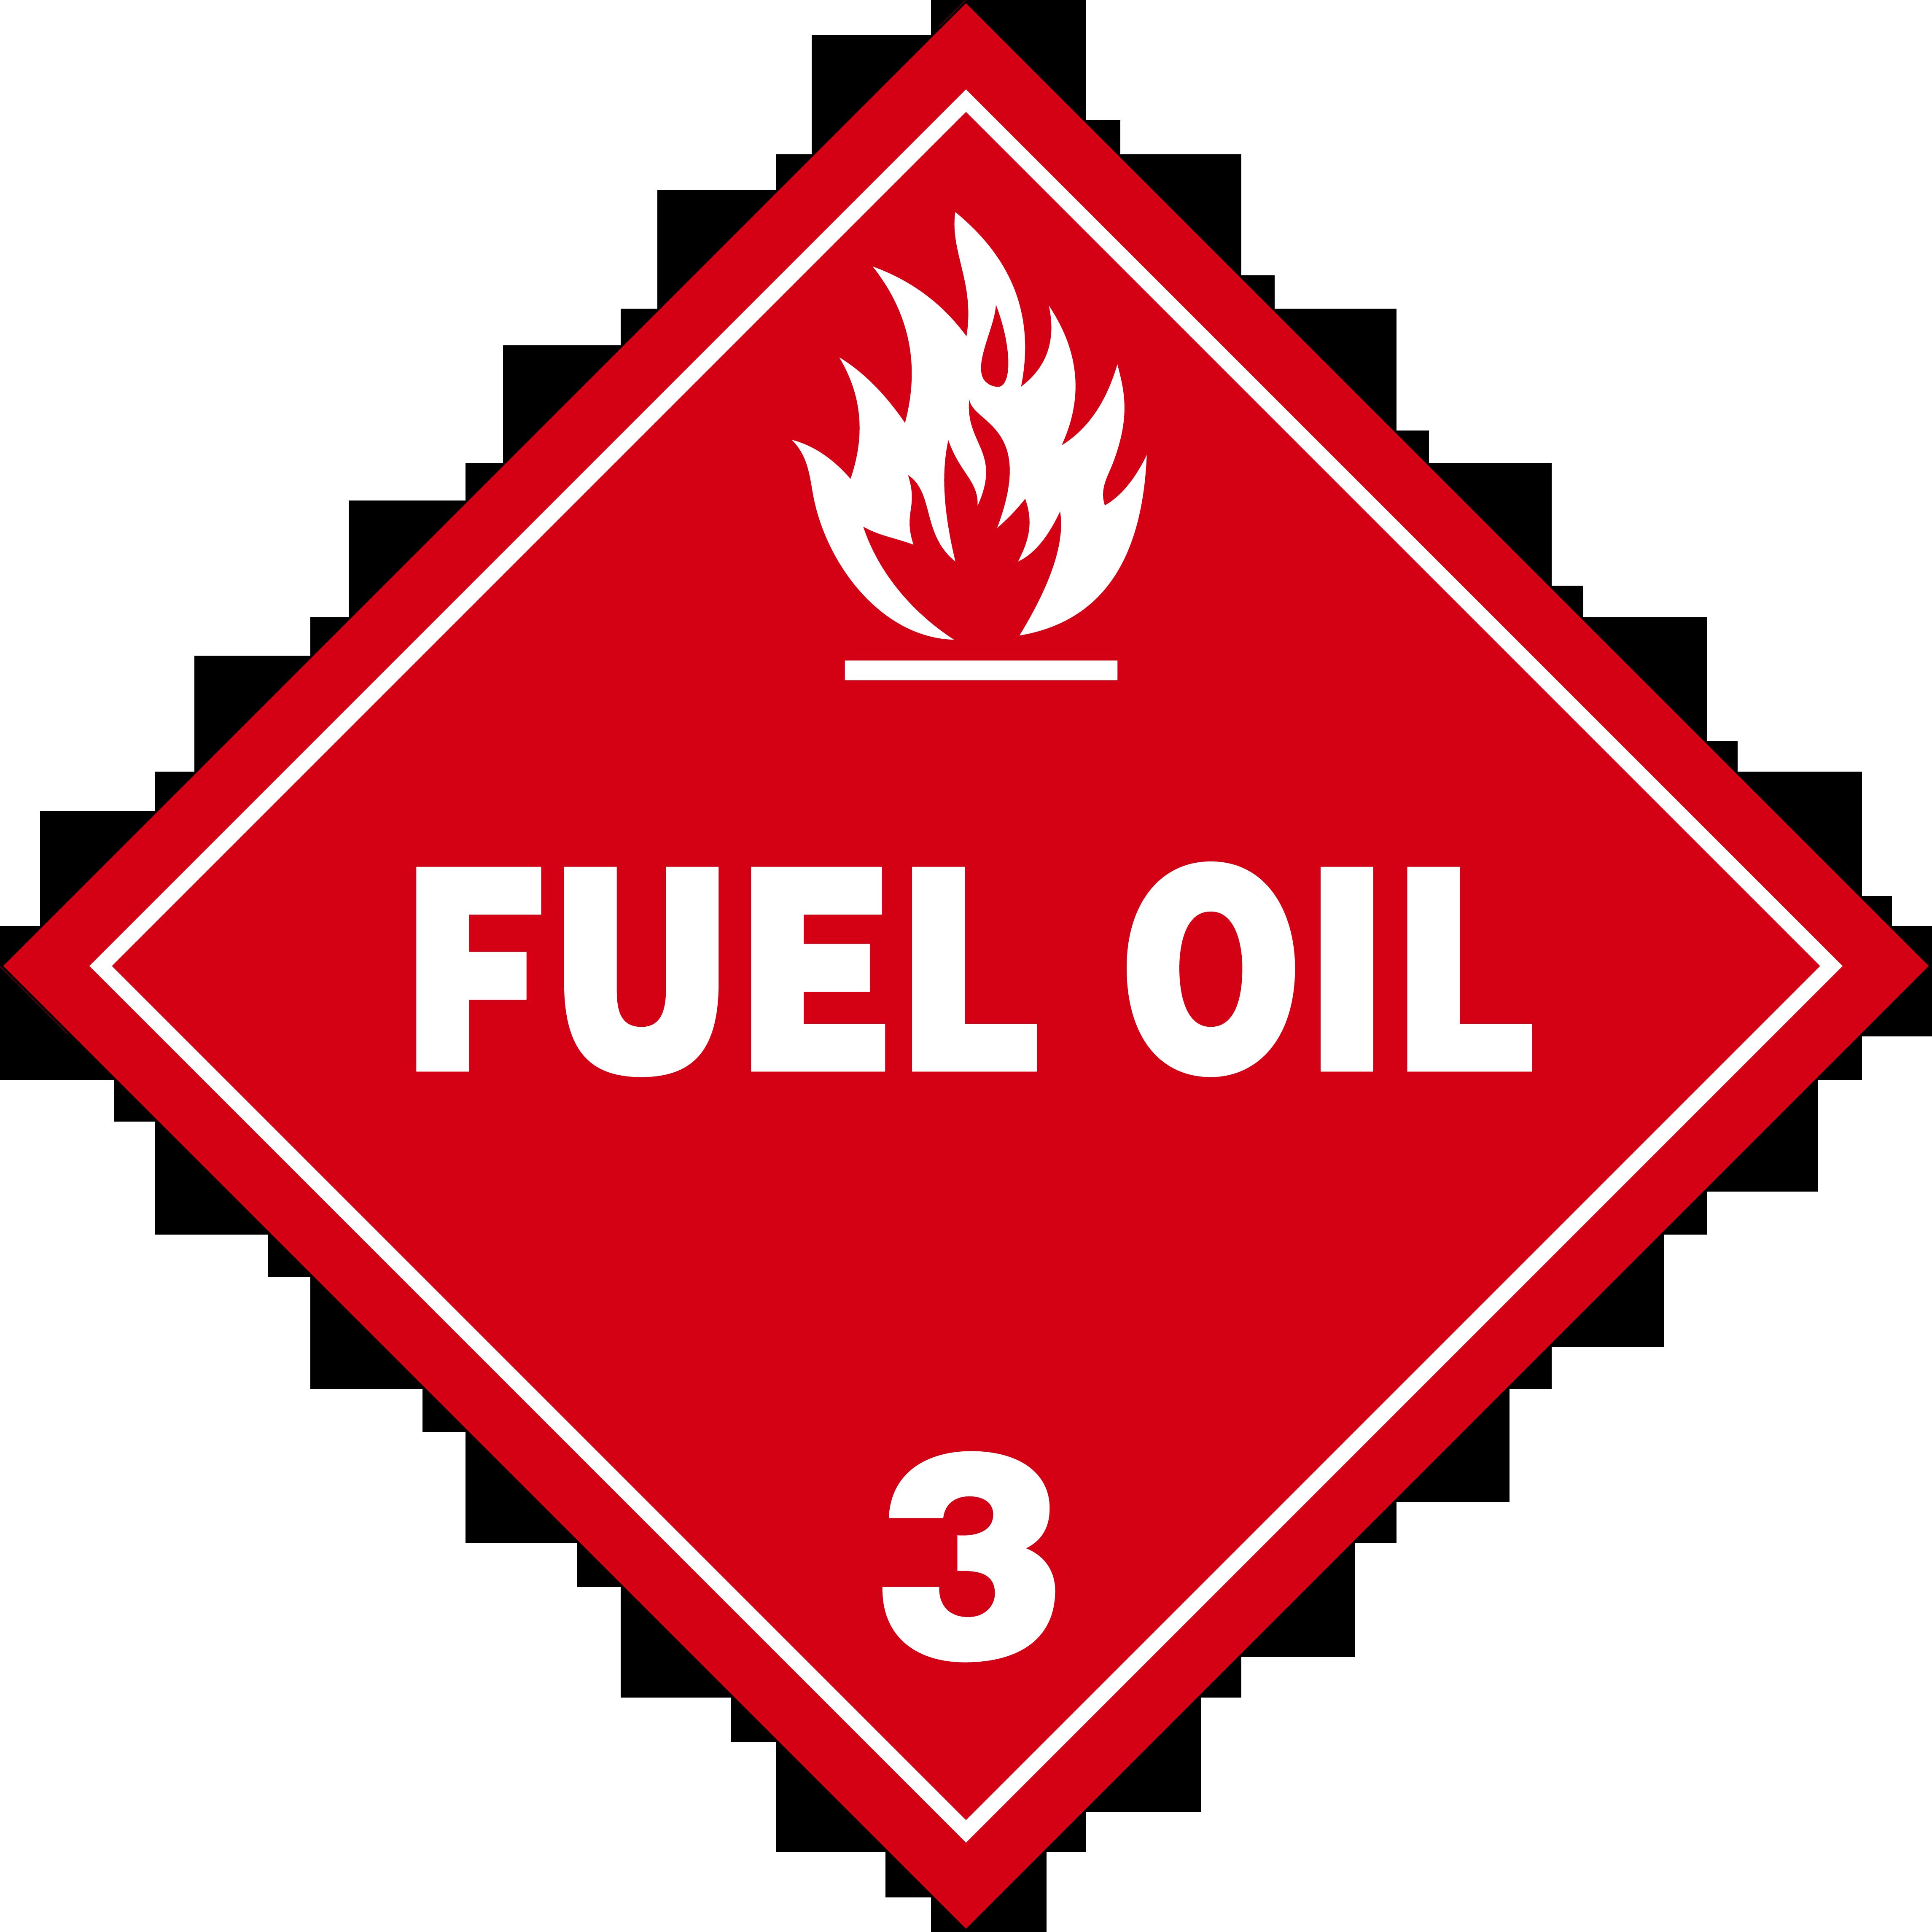 FlammableOil